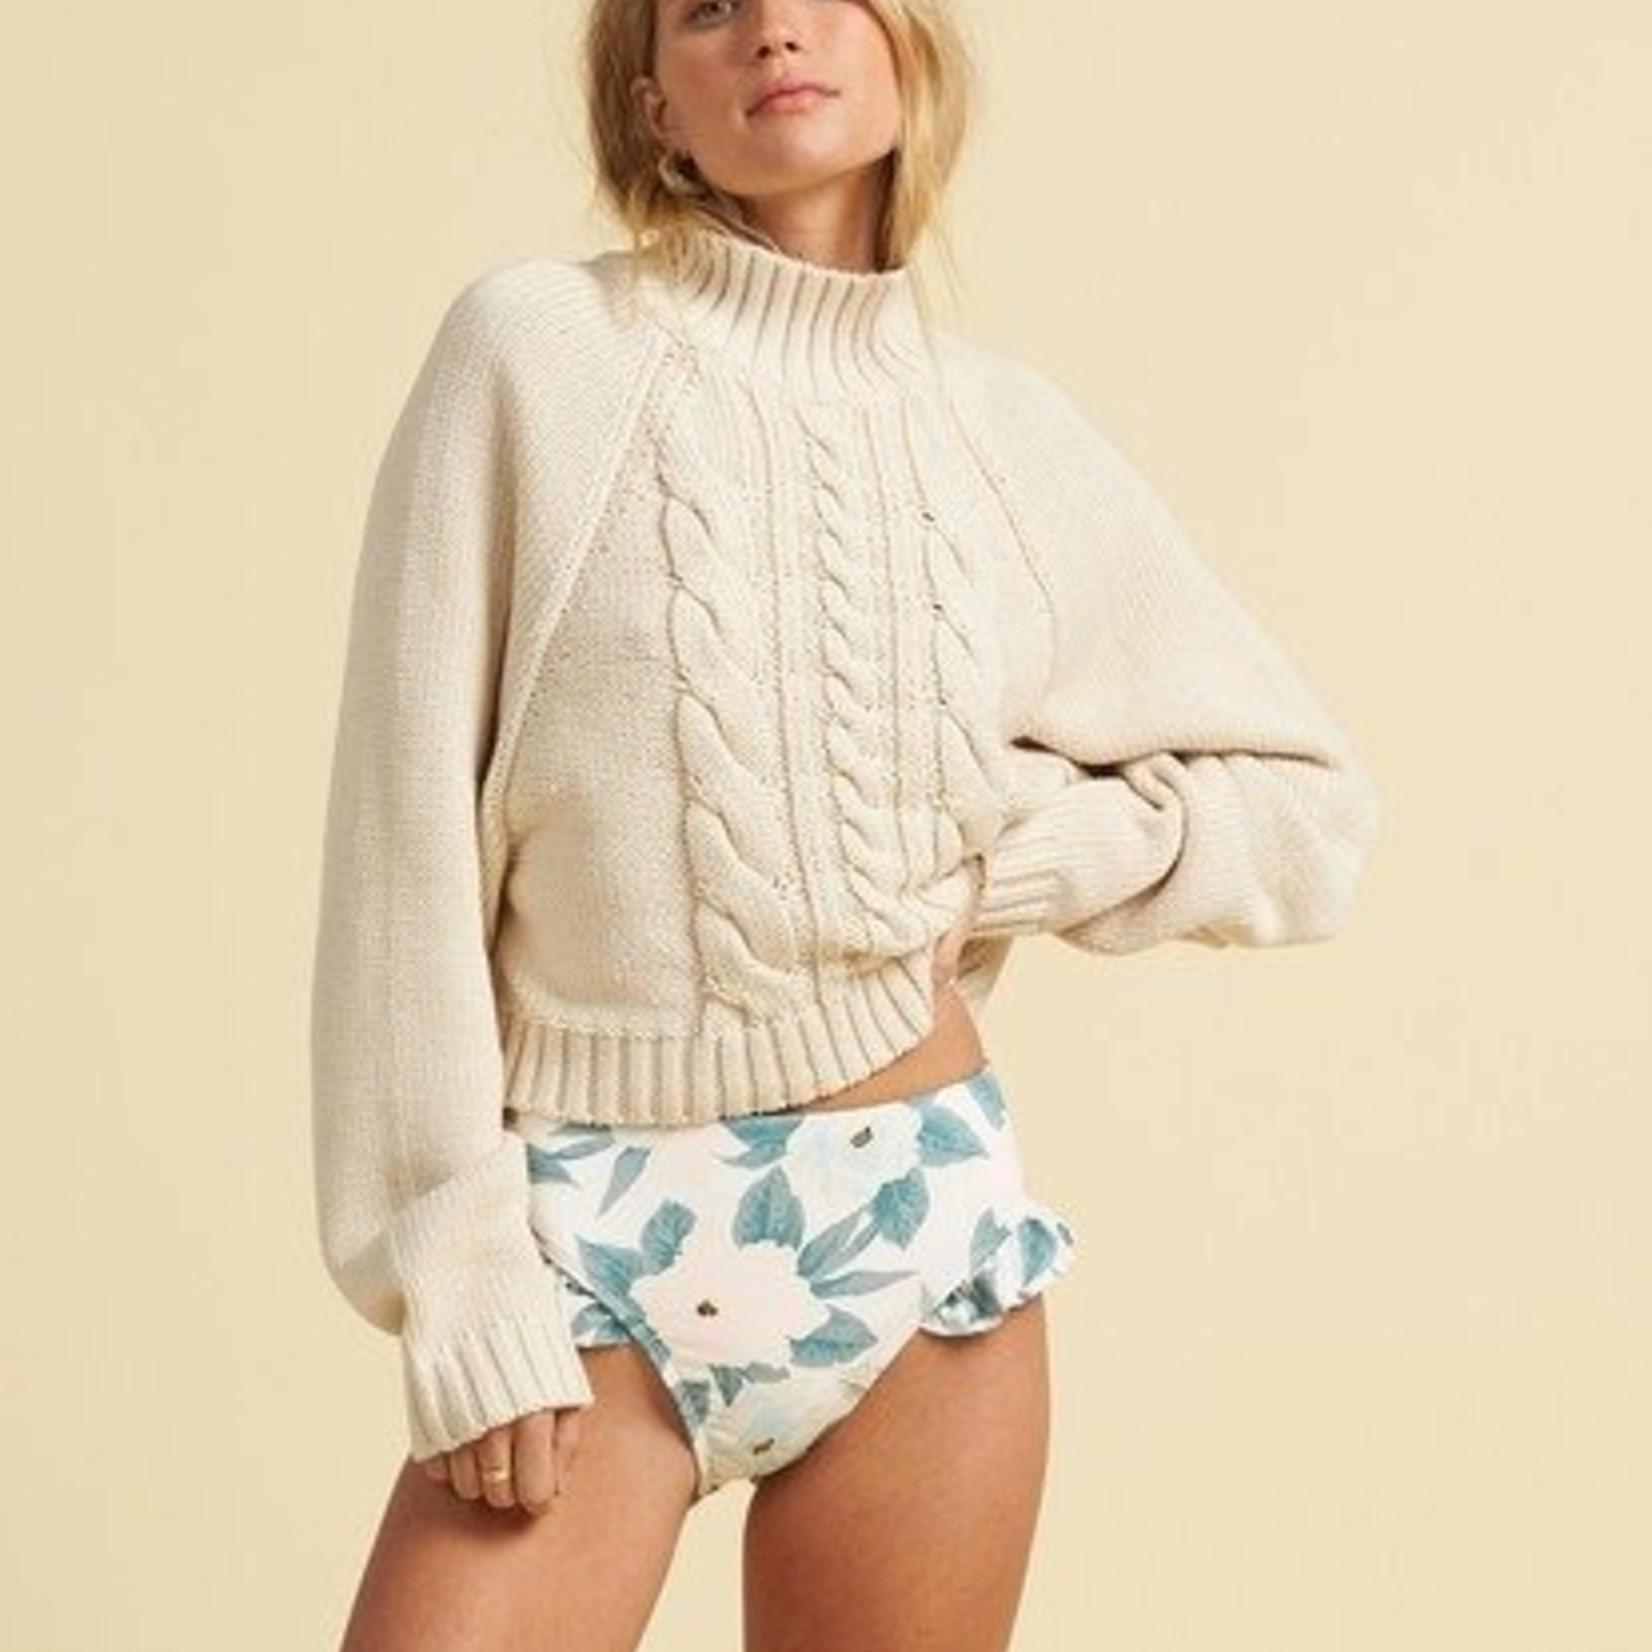 Billabong Billabong x Salty Blonde Salty Days Sweater